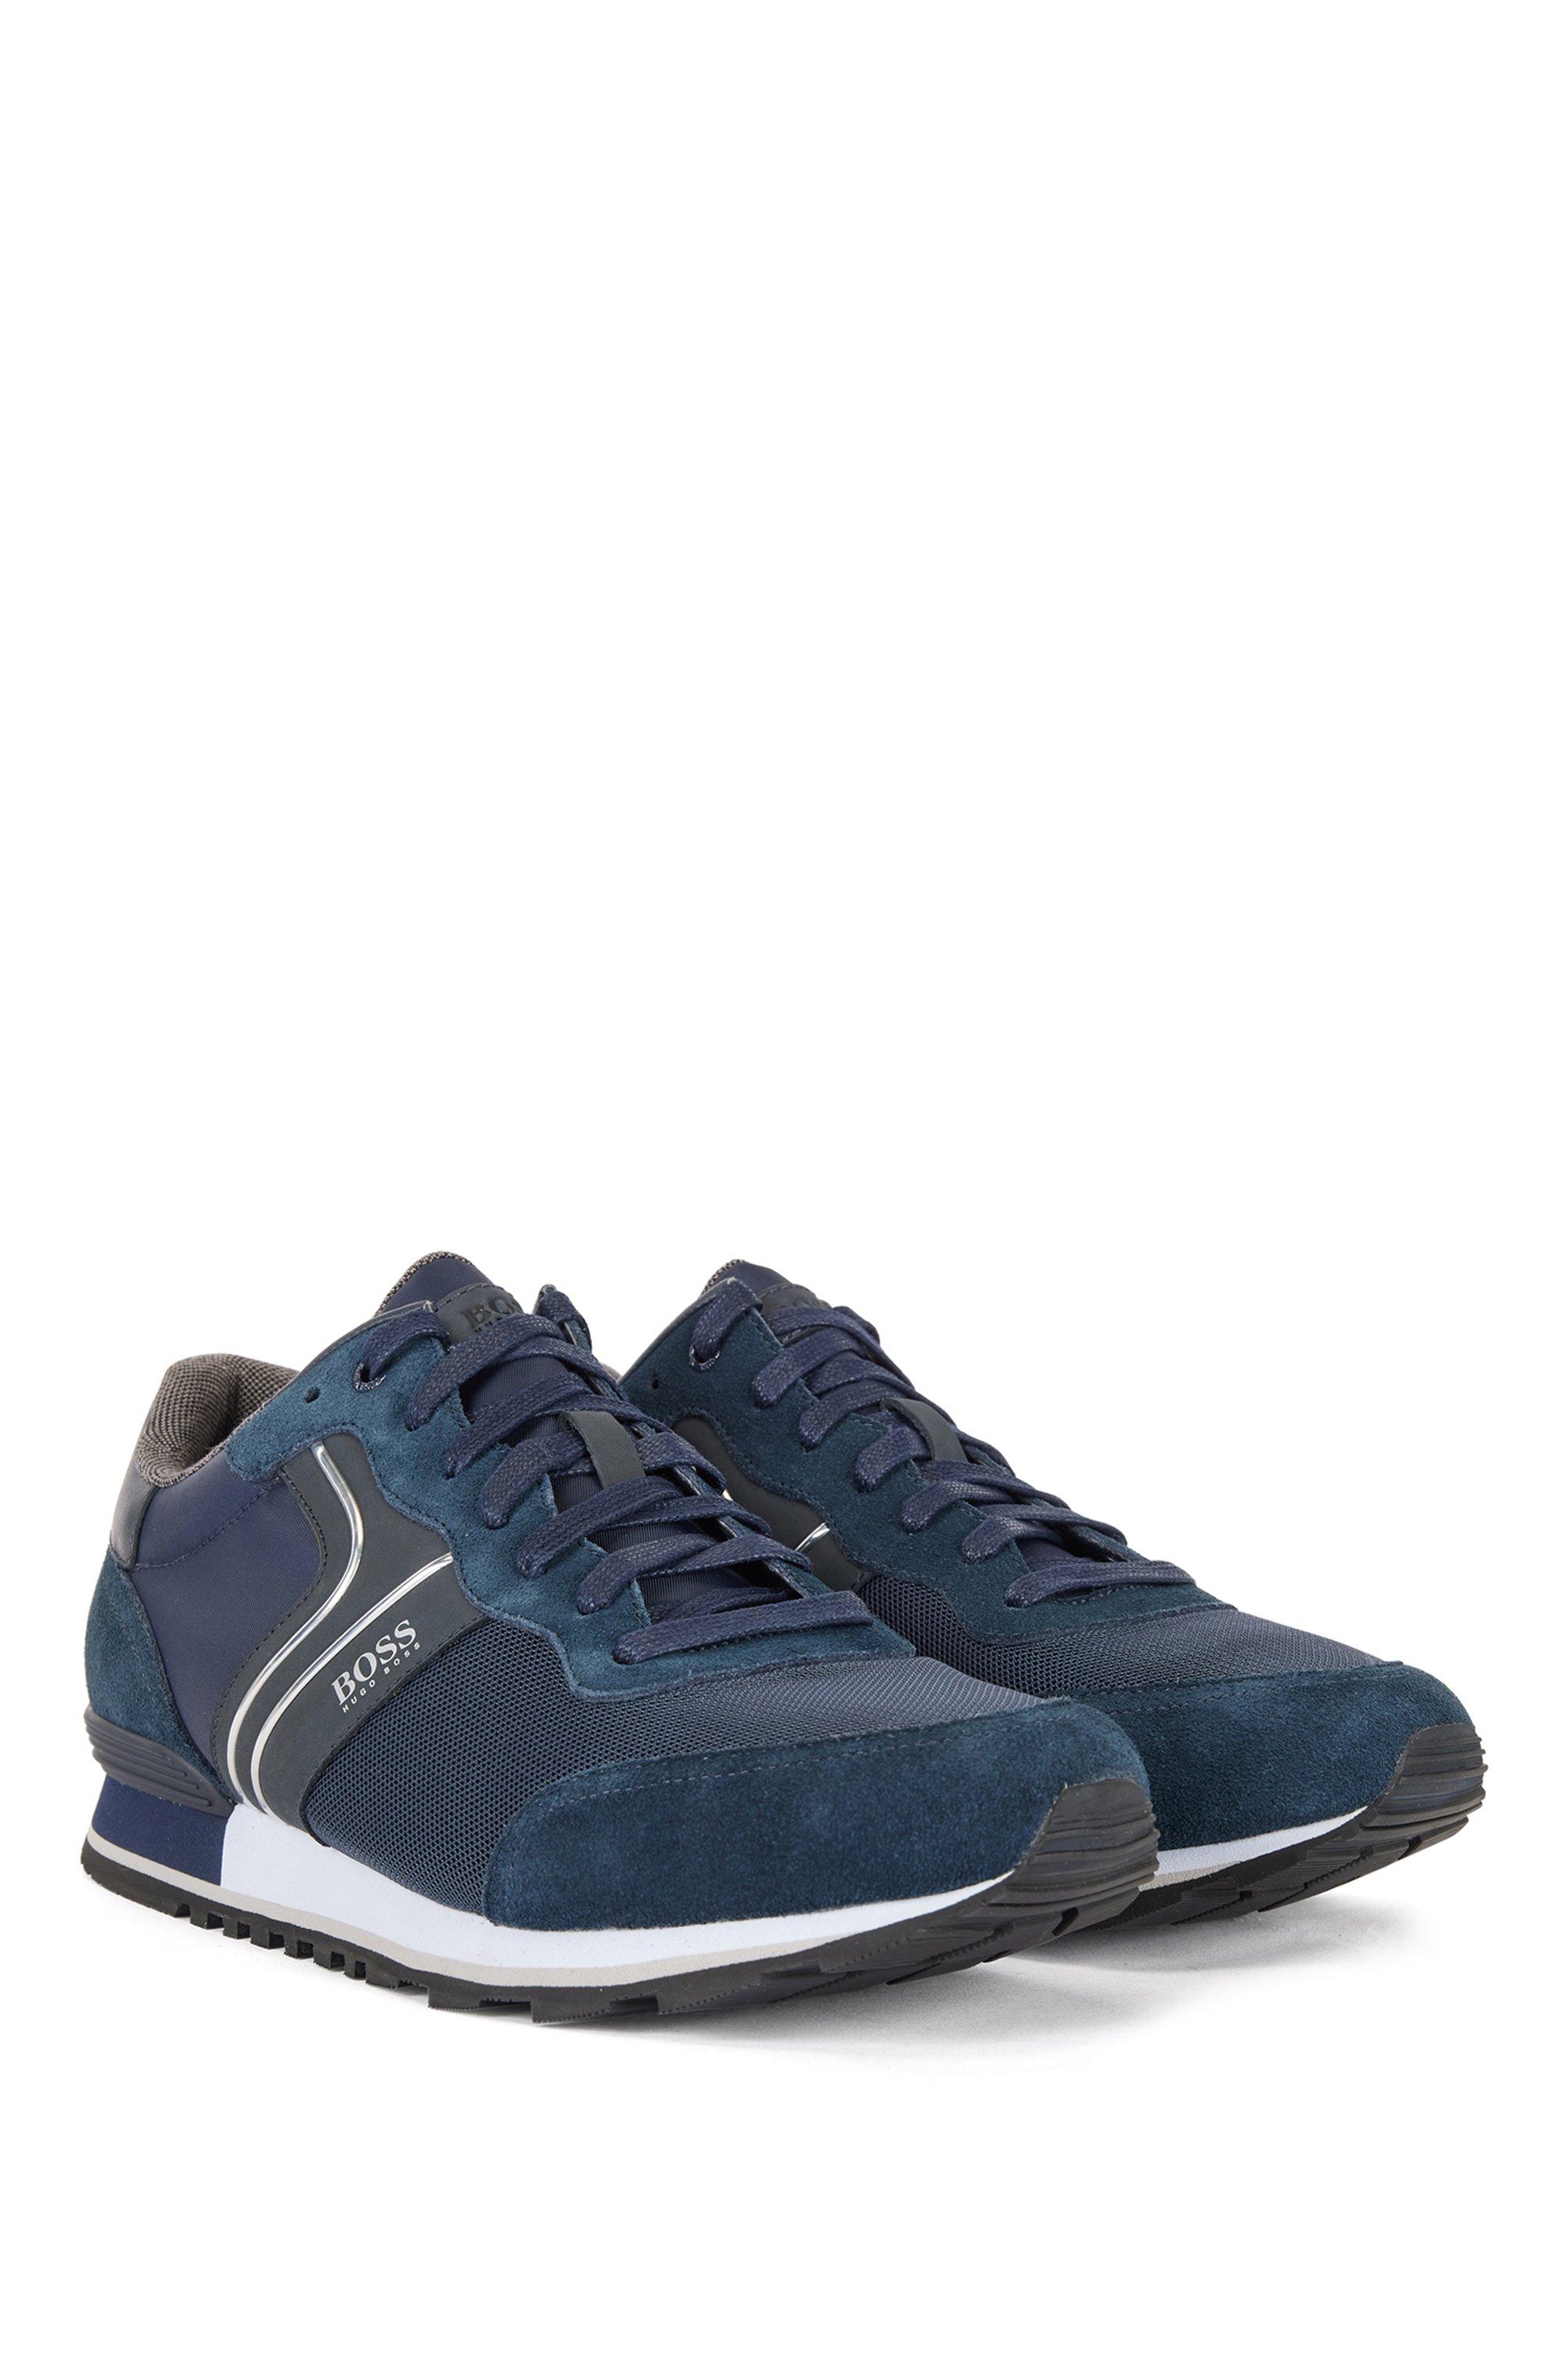 Sneakers im Laufschuh-Stil aus Veloursleder und Mesh